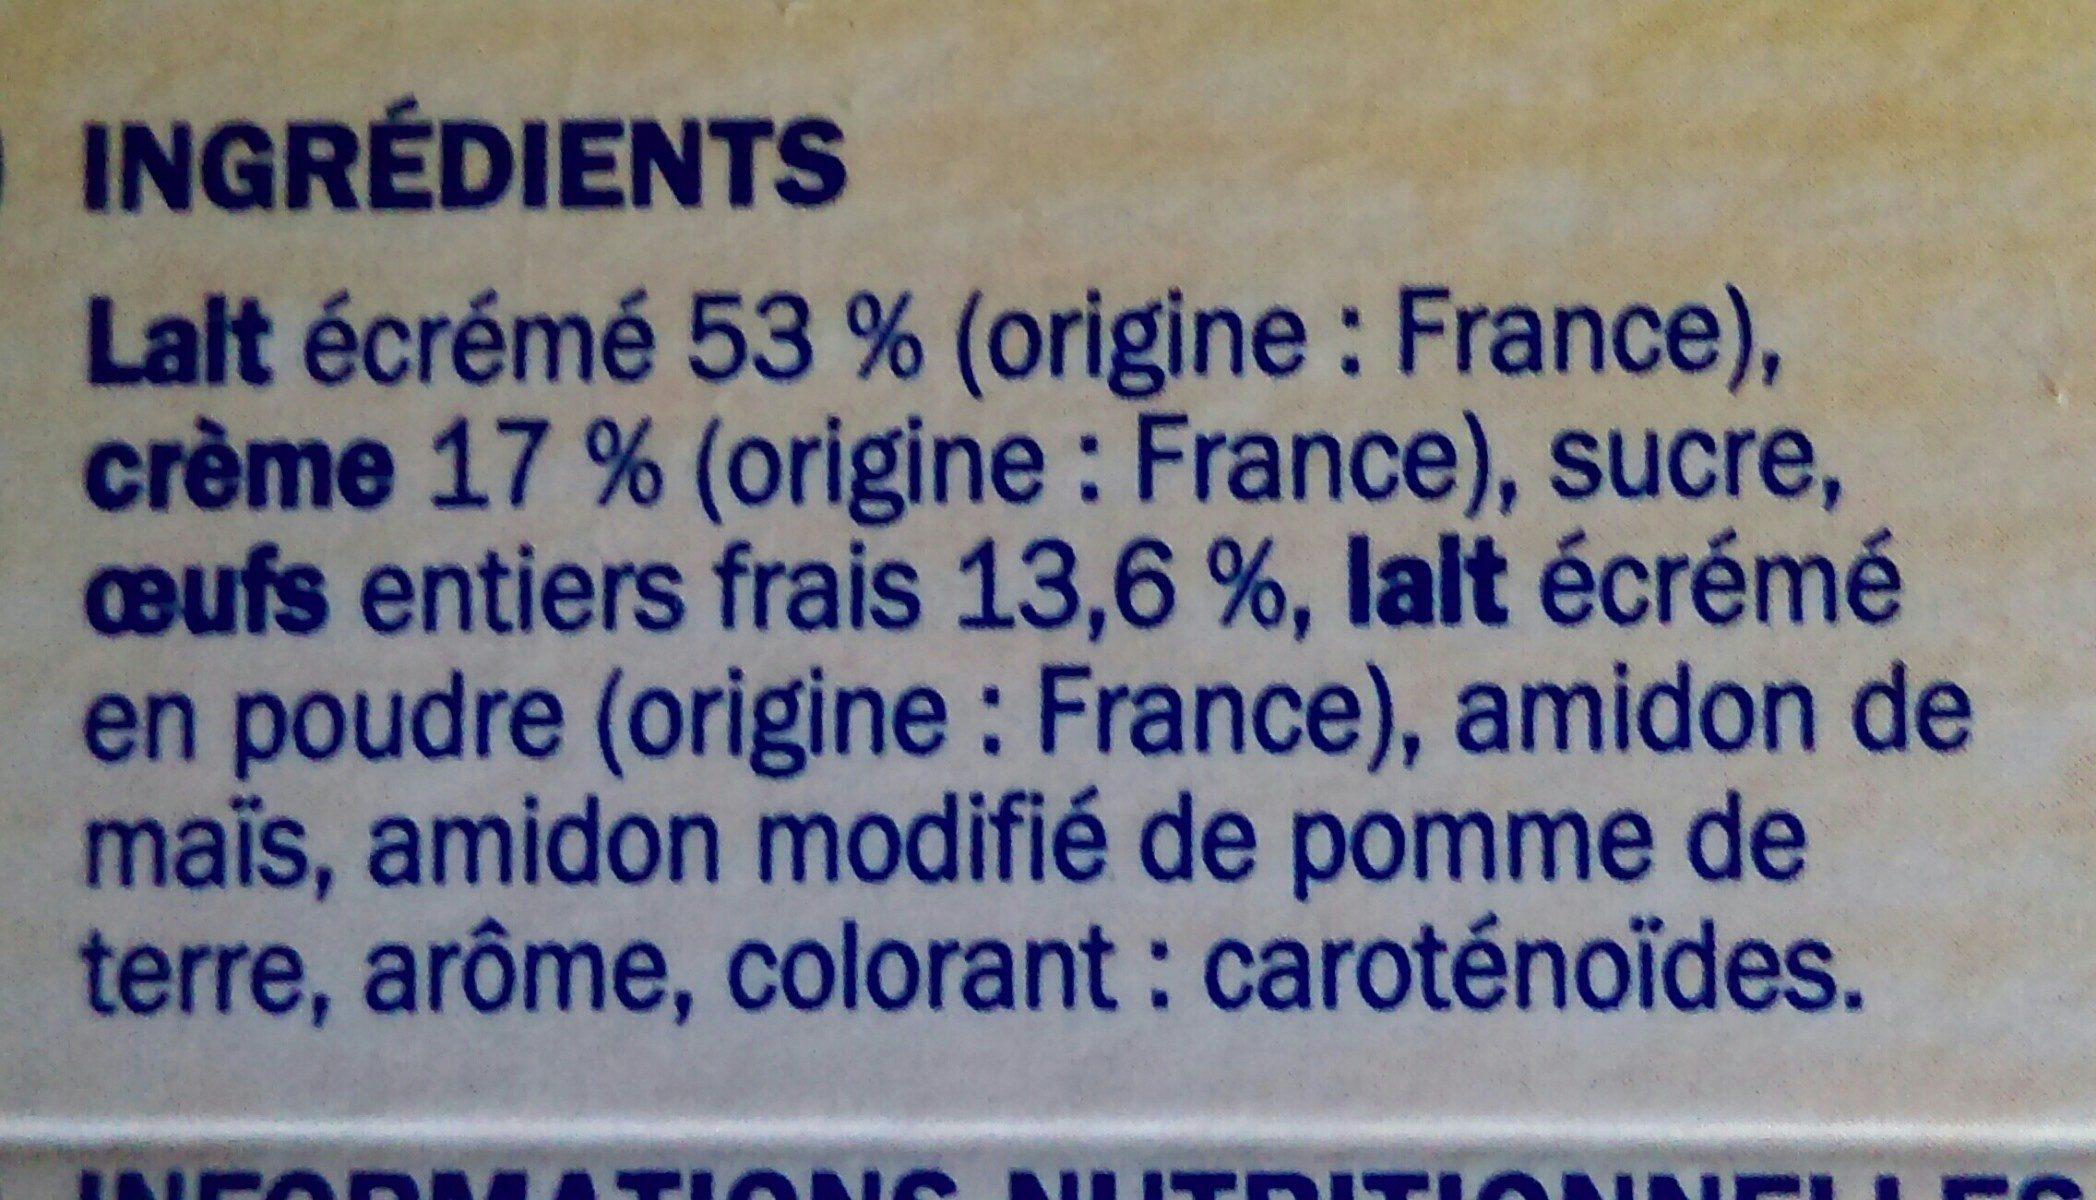 Crème oeufs vanille - Ingrédients